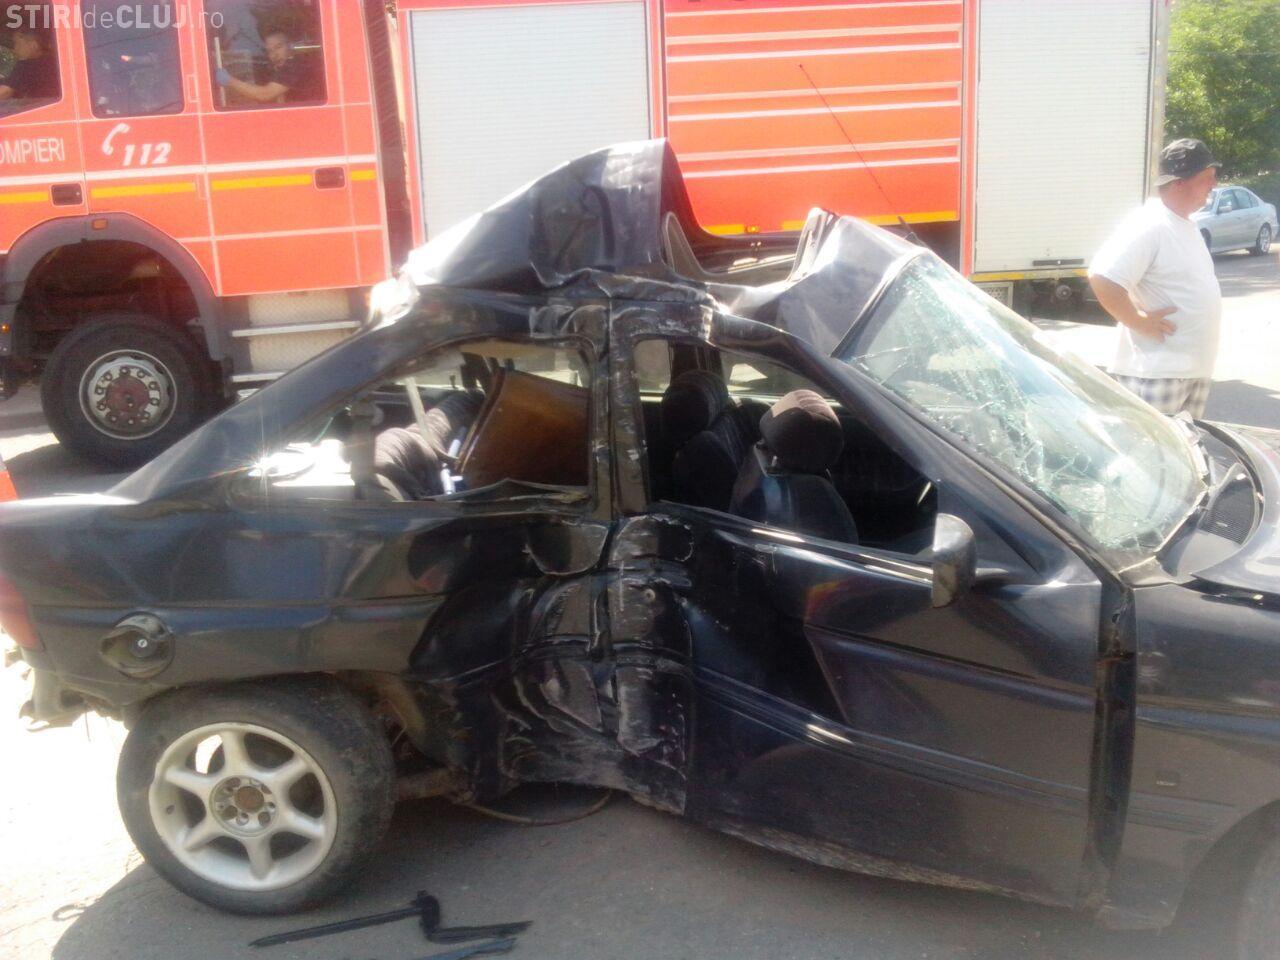 Accident teribil lângă Iulius Mall Cluj! S-a răsturnat la 200 de km/h - FOTO